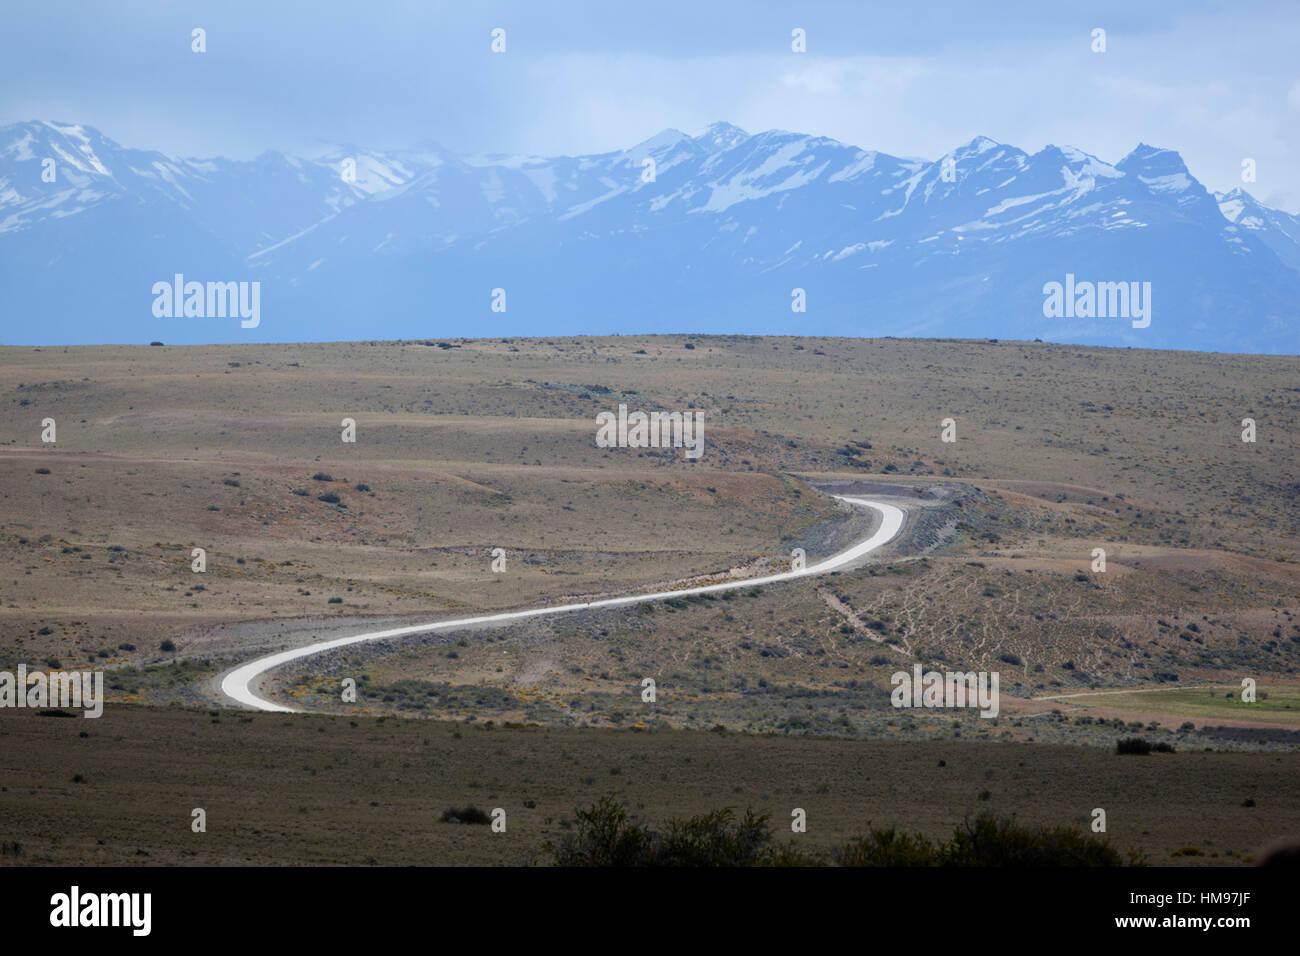 Sinuoso camino del desierto y la Cordillera de Los Andes, El Calafate, Parque Nacional Los Glaciares, Patagonia Foto de stock